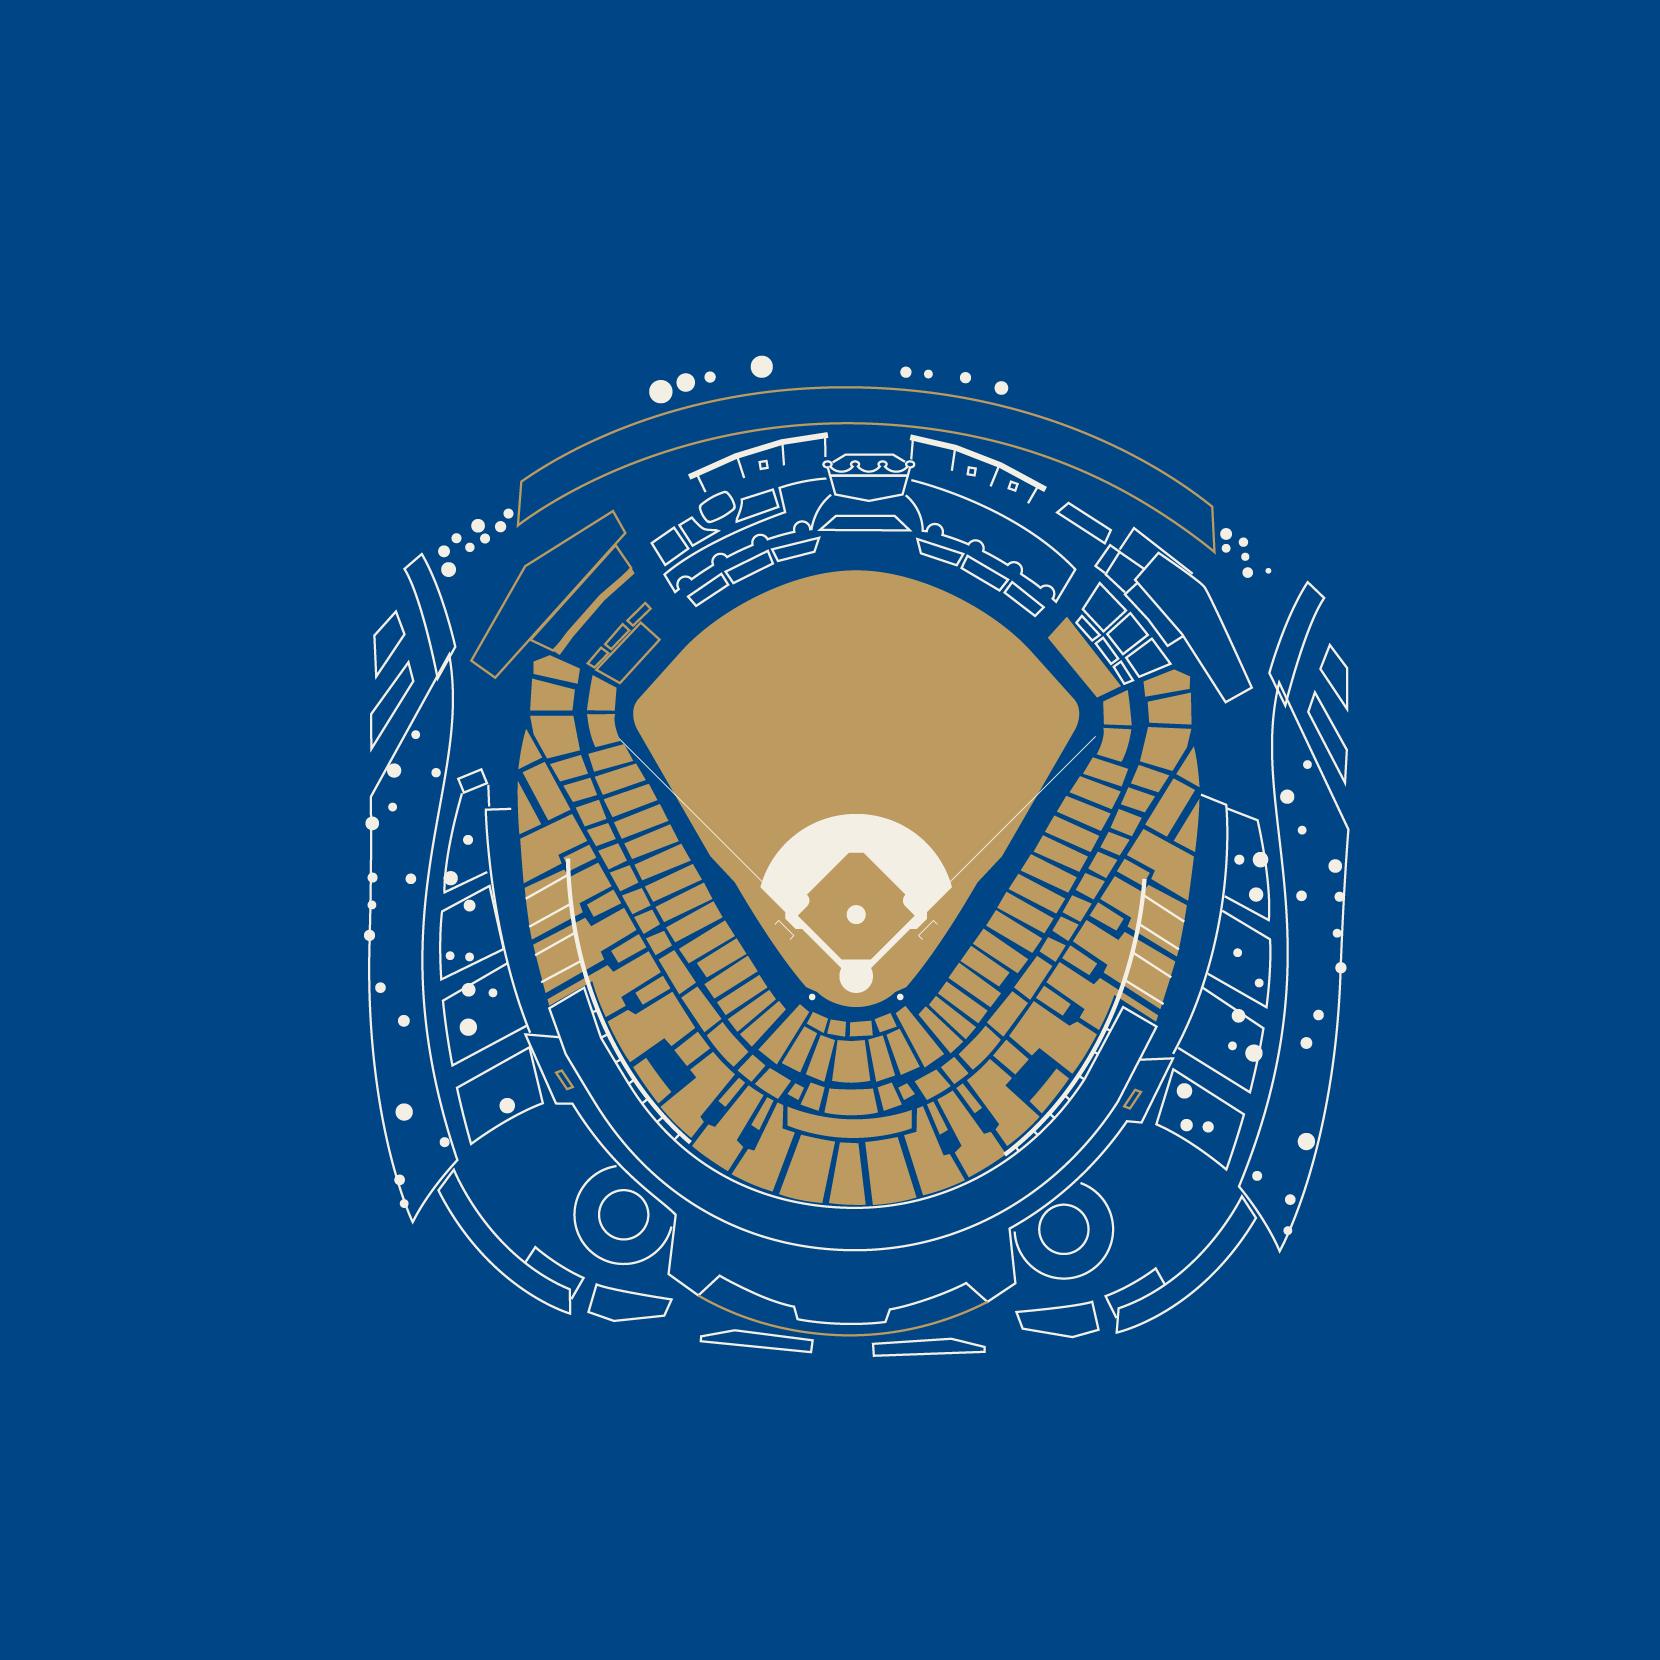 19 Kauffman Stadium Kansas City Royals.png